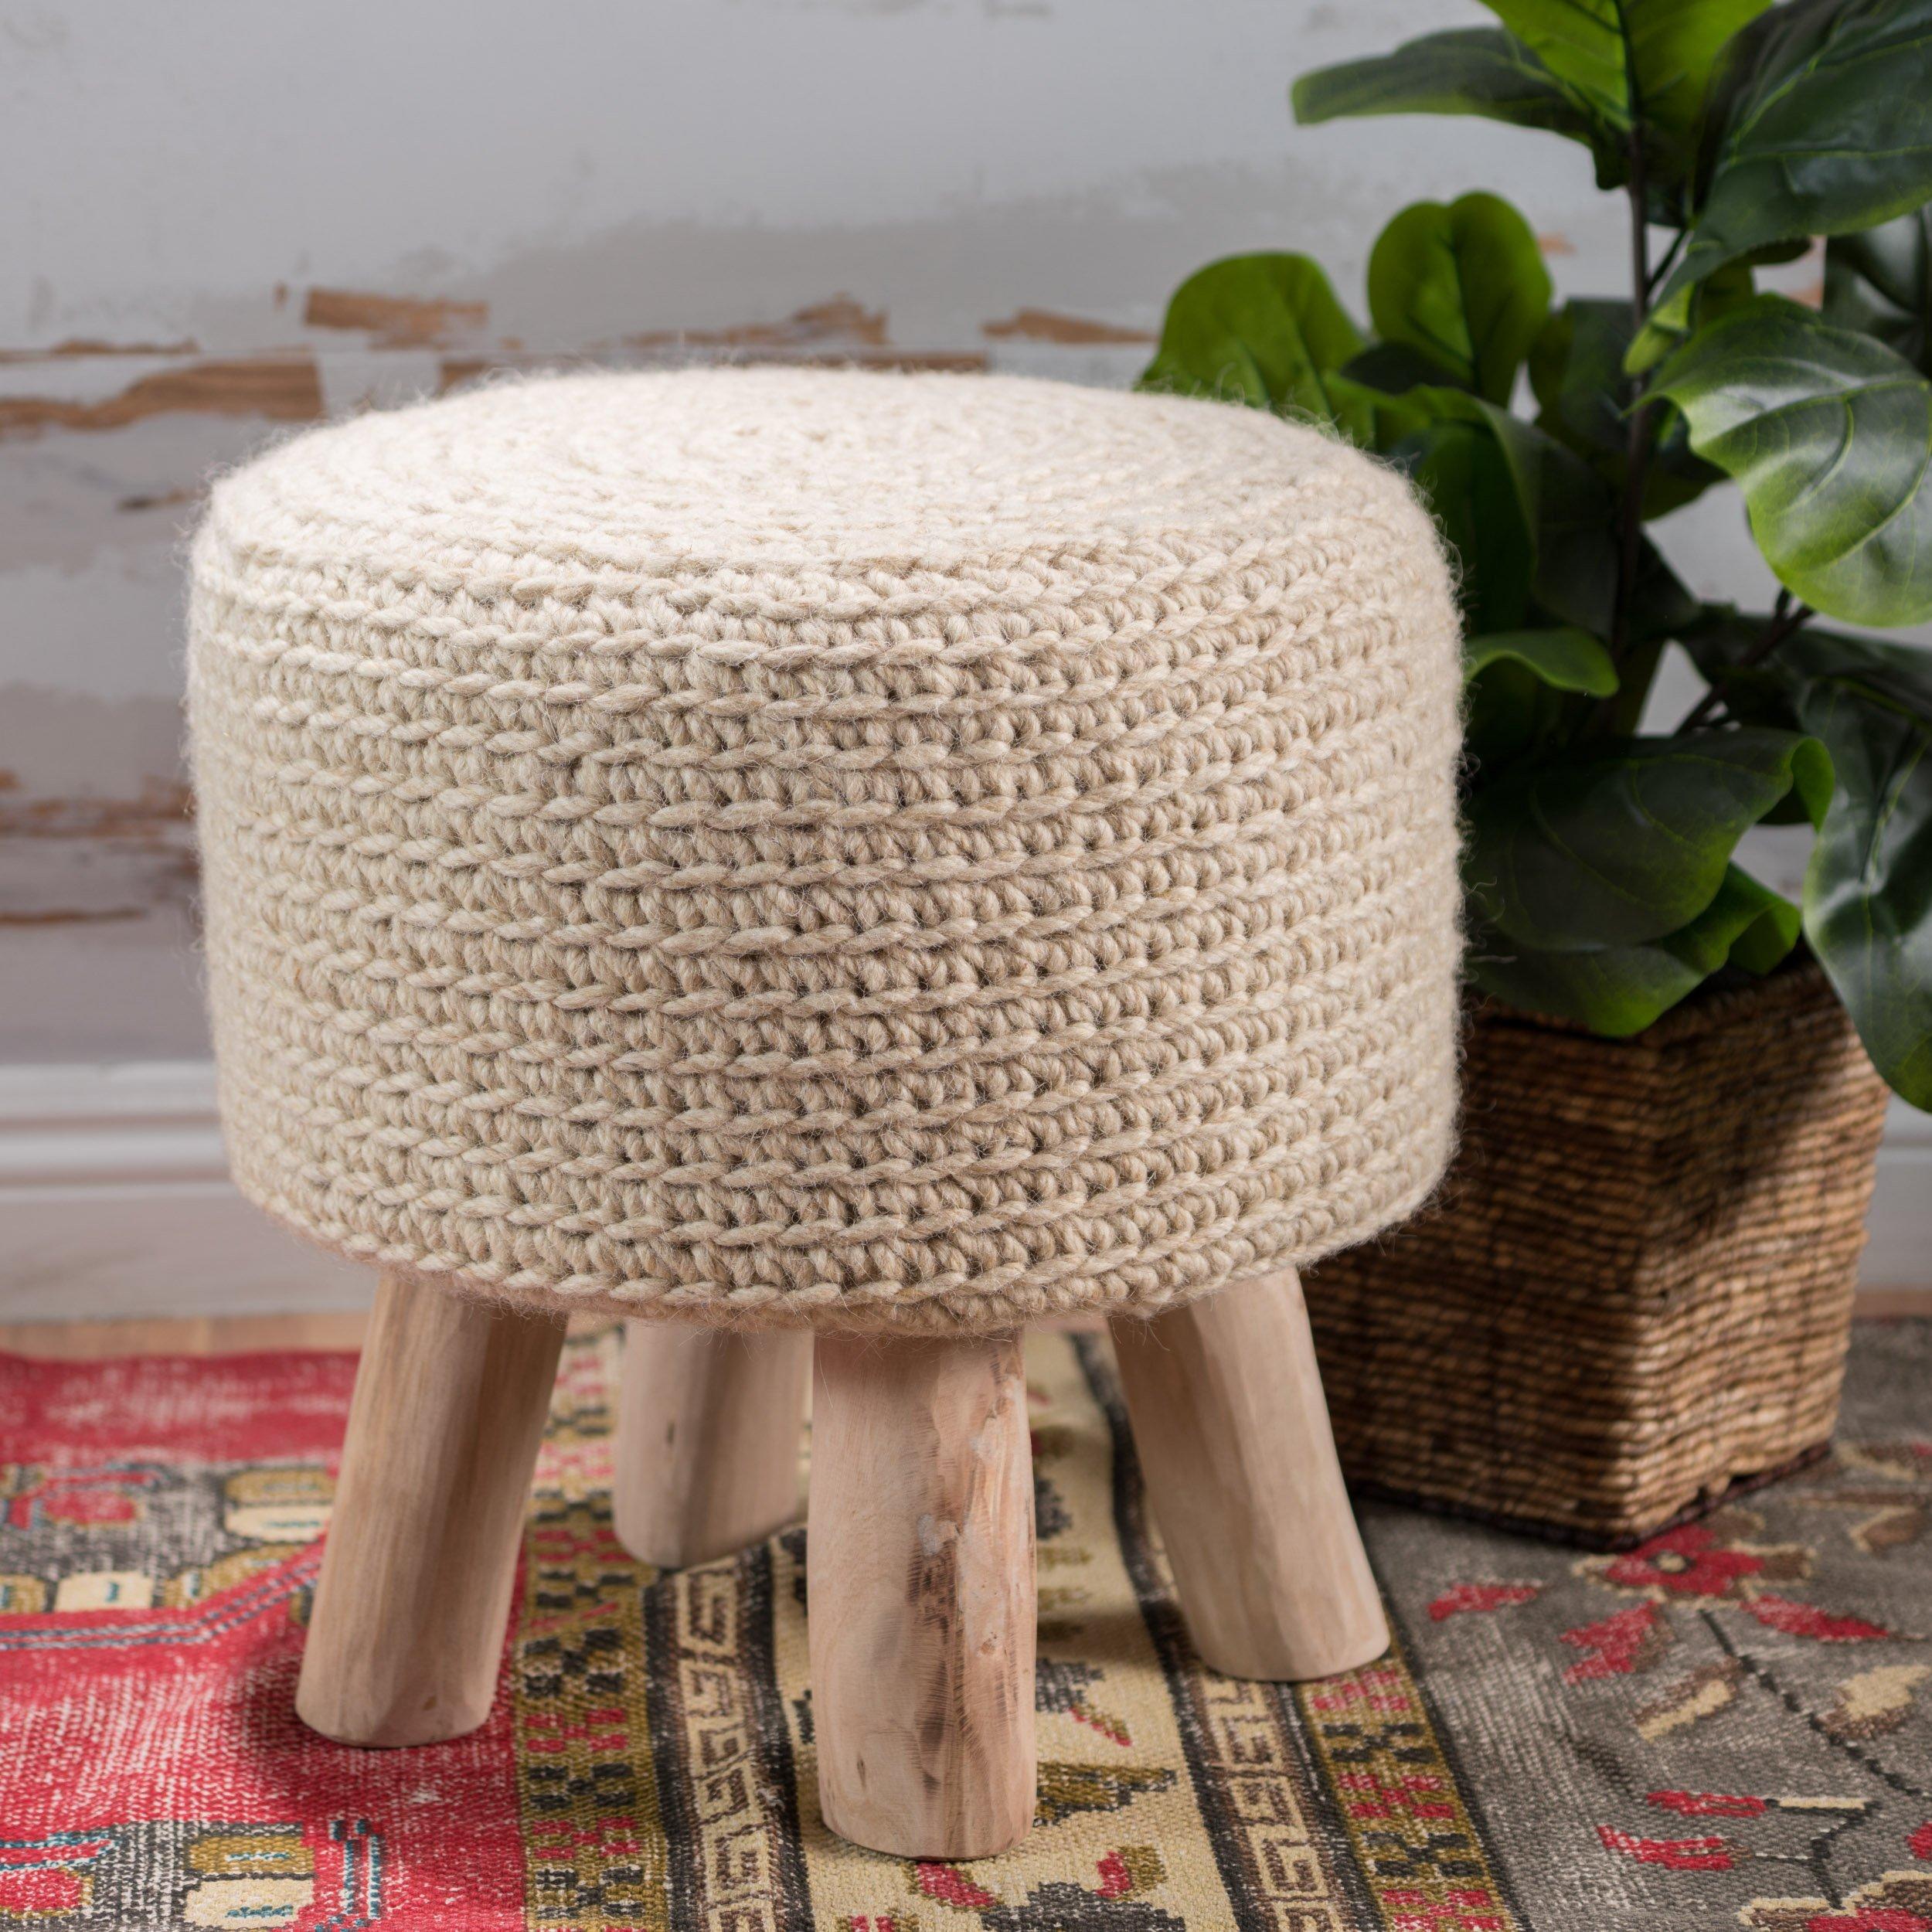 Mosiac Hand Knit Wool Fabric Stool (Ivory)